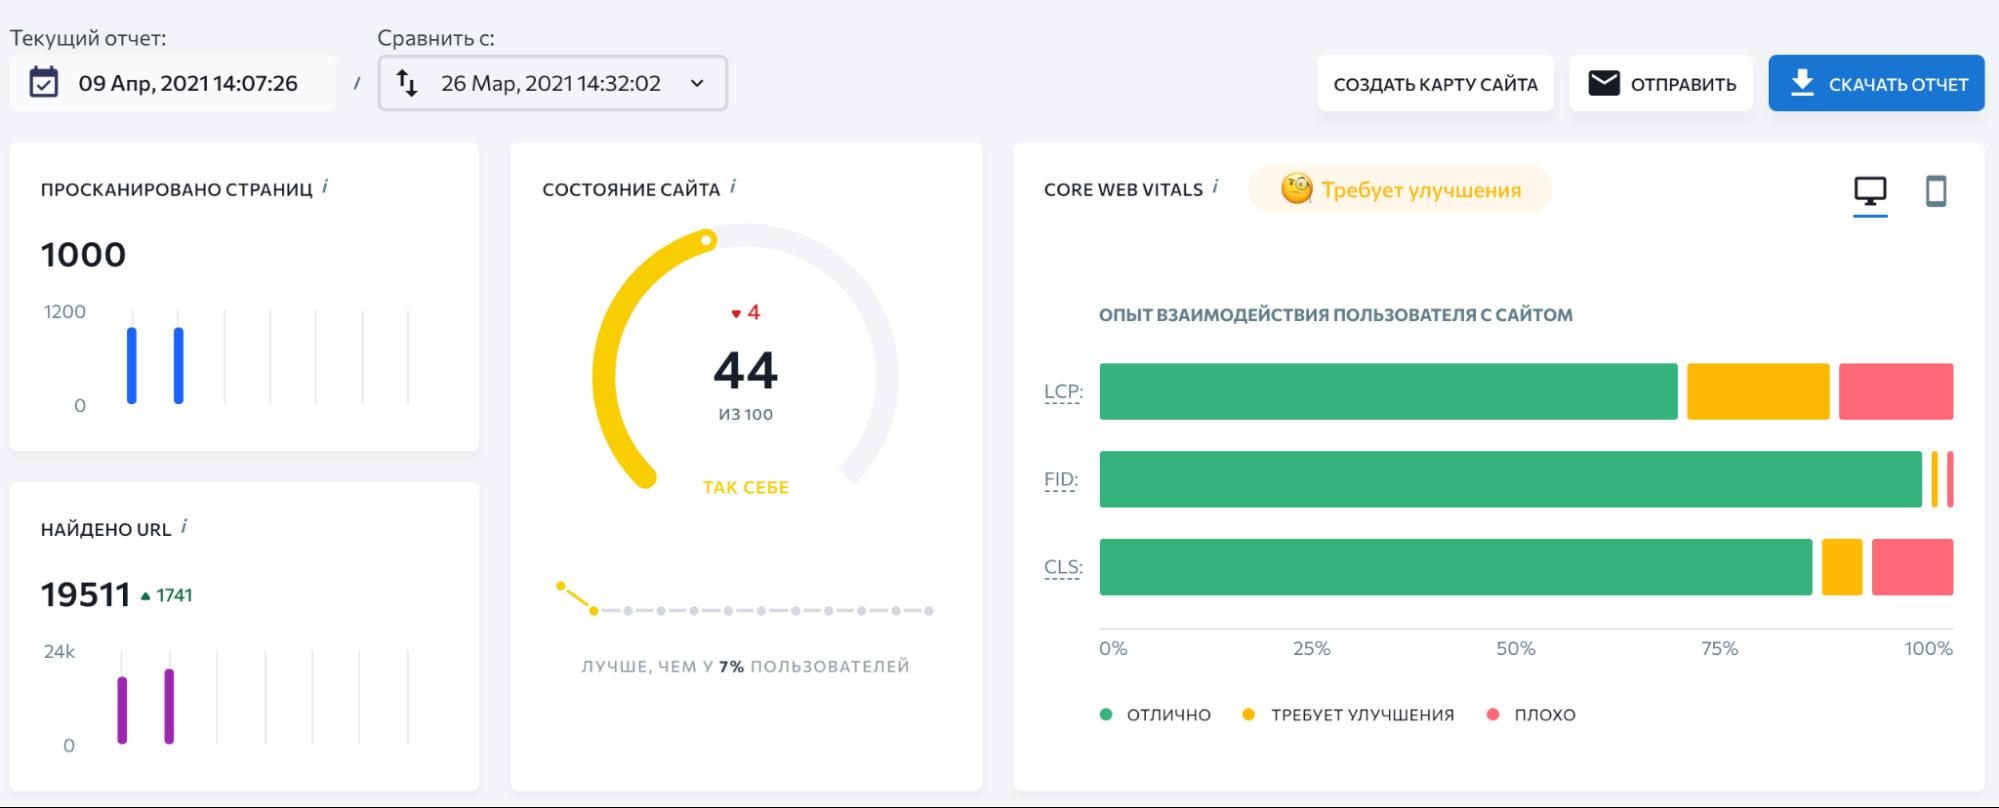 Анализ сайта от SE Ranking открыт для пробных аккаунтов. Первые 14 дней подписки — бесплатно. За это время можно оценить аудит и протестировать еще 35 инструментов платформы.